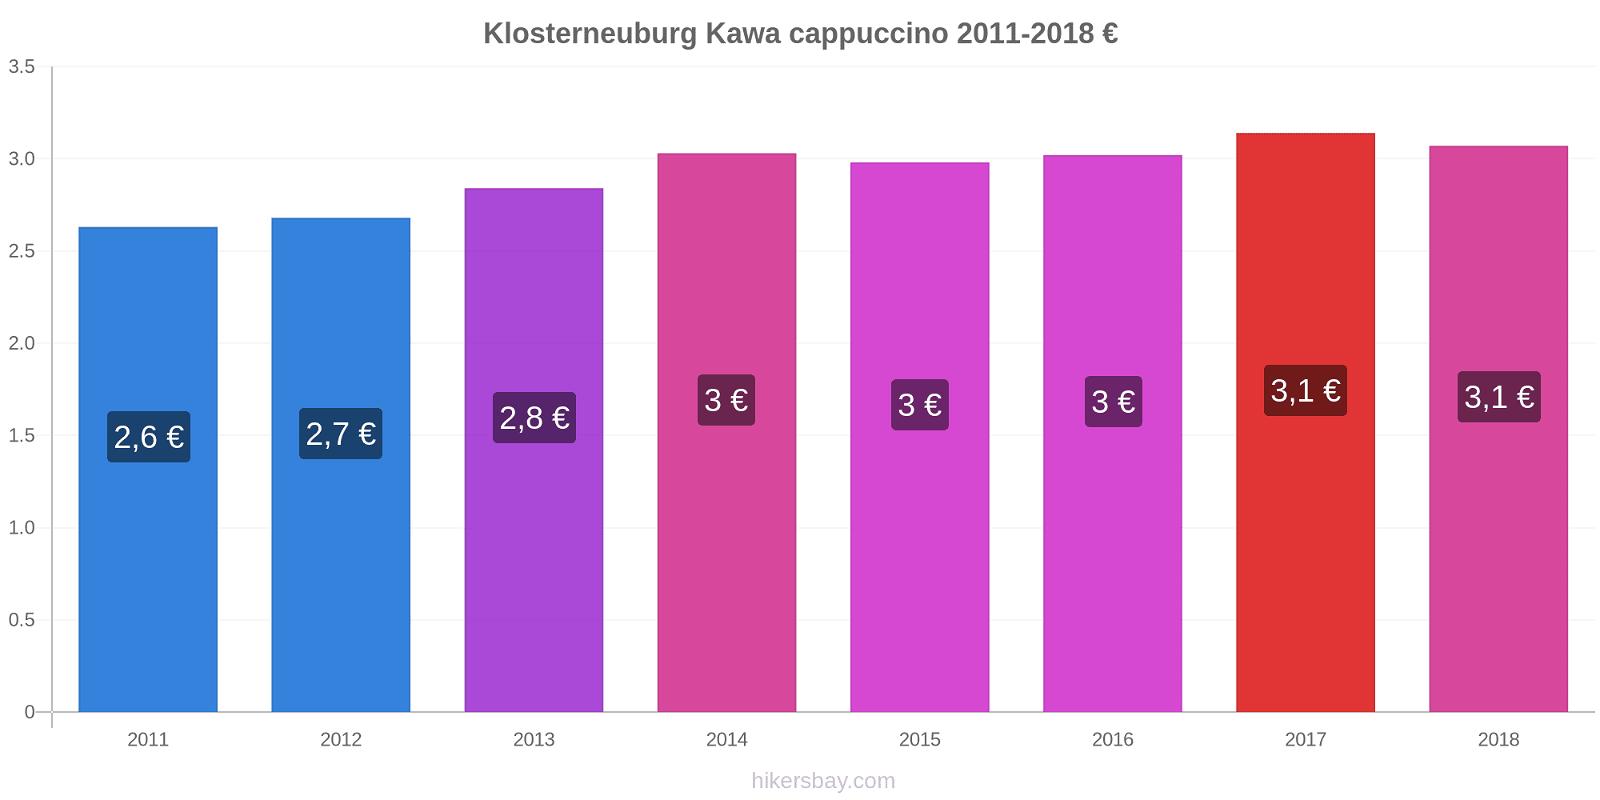 Klosterneuburg zmiany cen Kawa cappuccino hikersbay.com